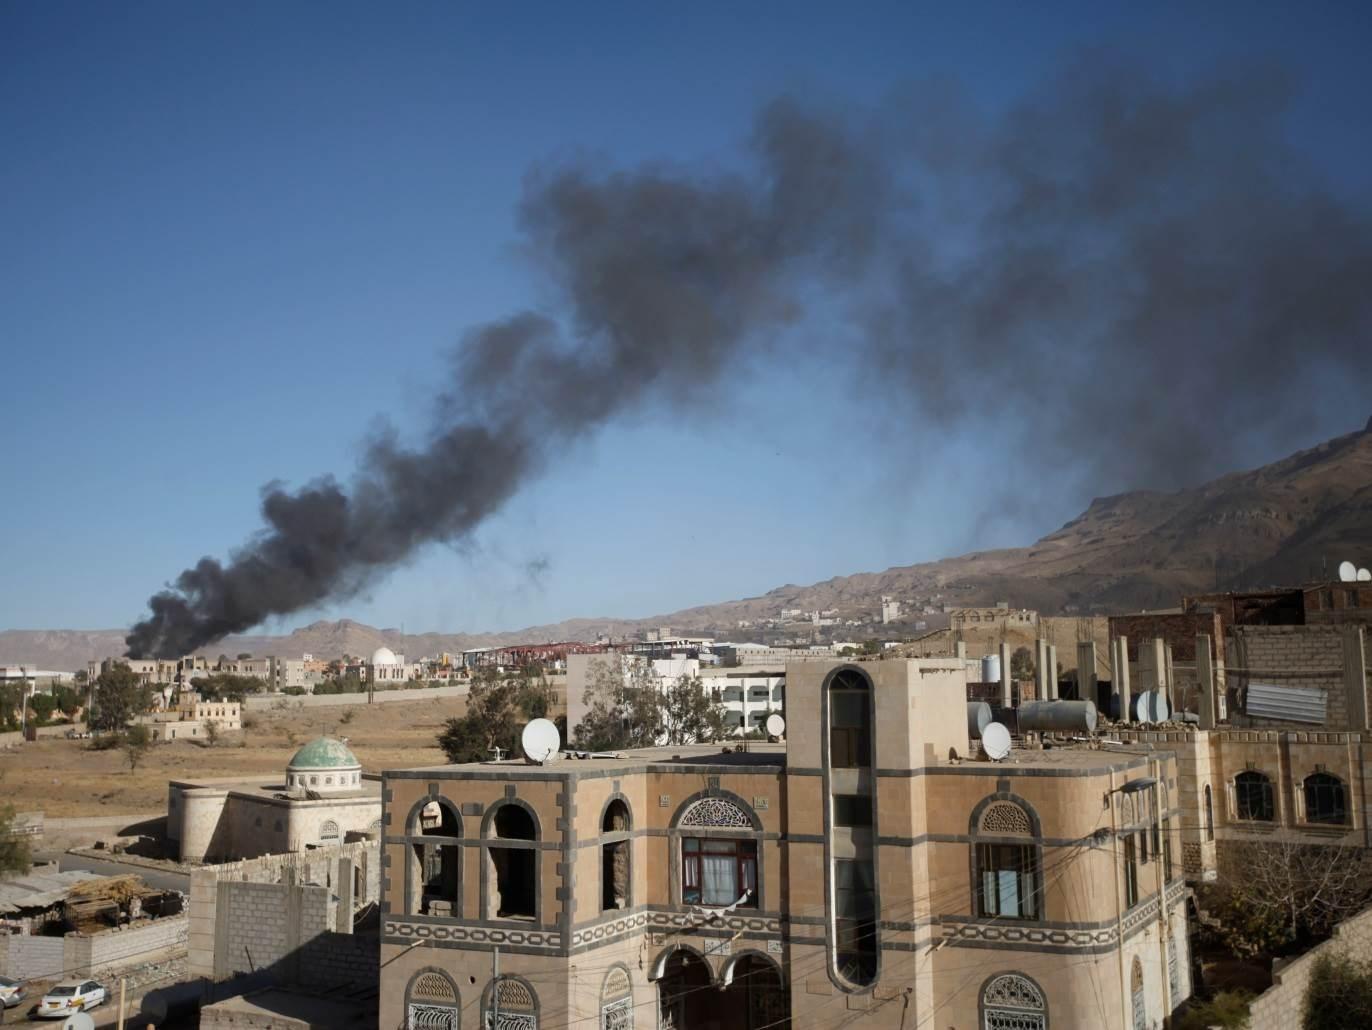 بعد سيطرة الجيش اليمني على مناطق في مأرب... غارات للتحالف على صنعاء